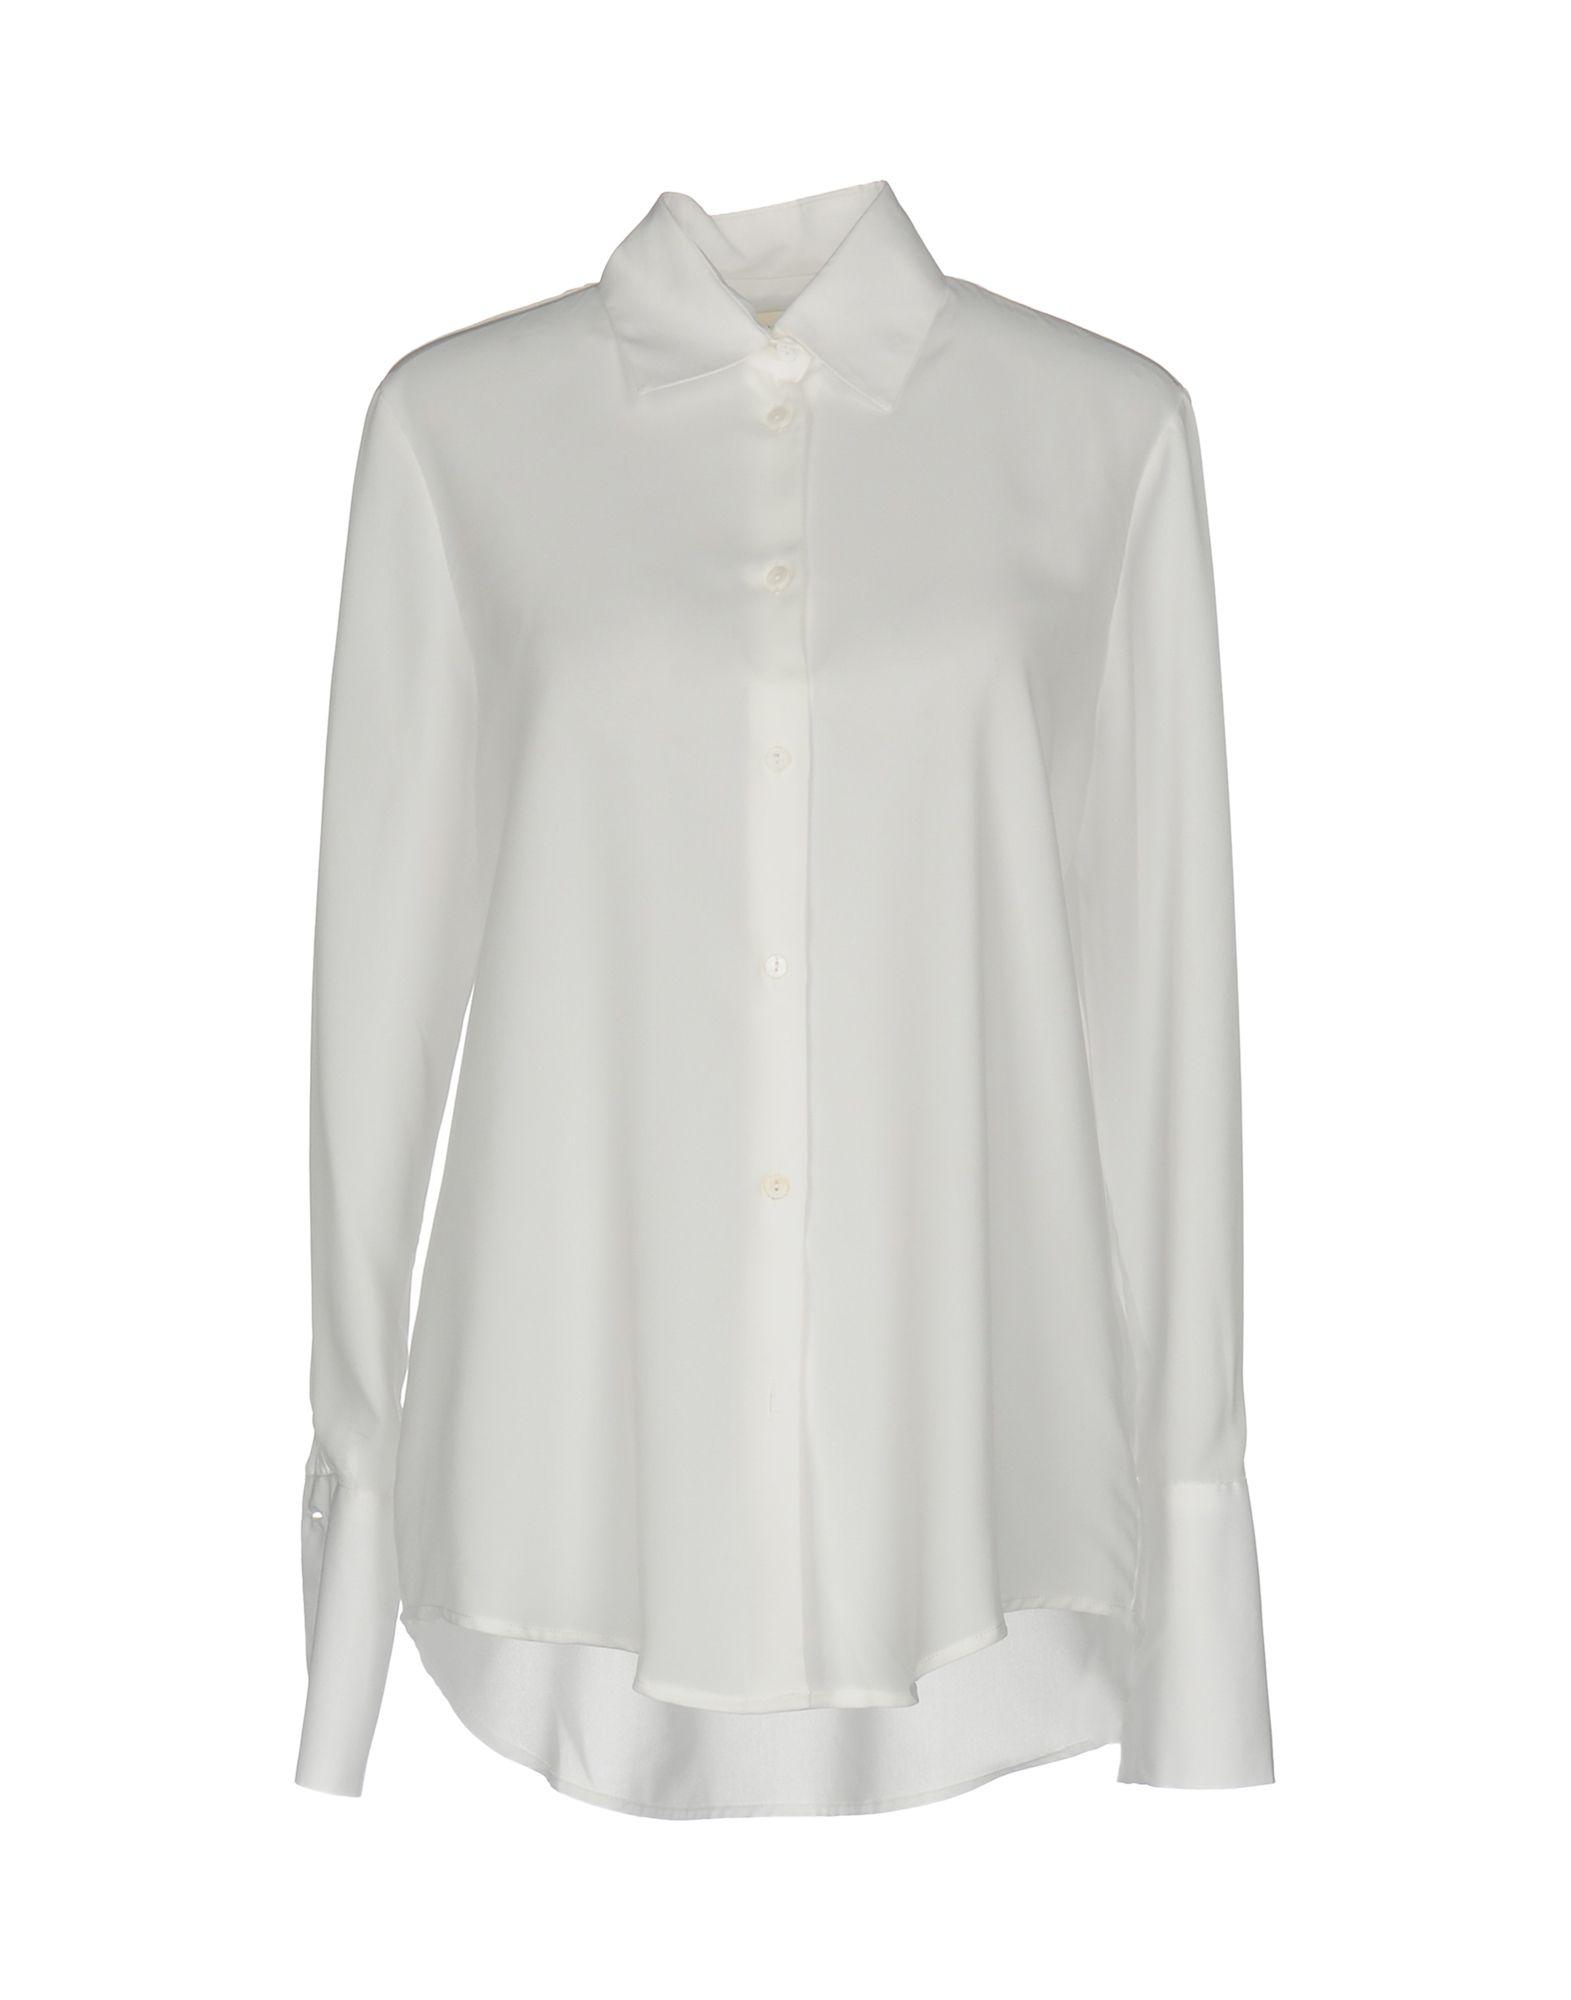 NINEMINUTES Damen Hemd Farbe Weiß Größe 2 - broschei